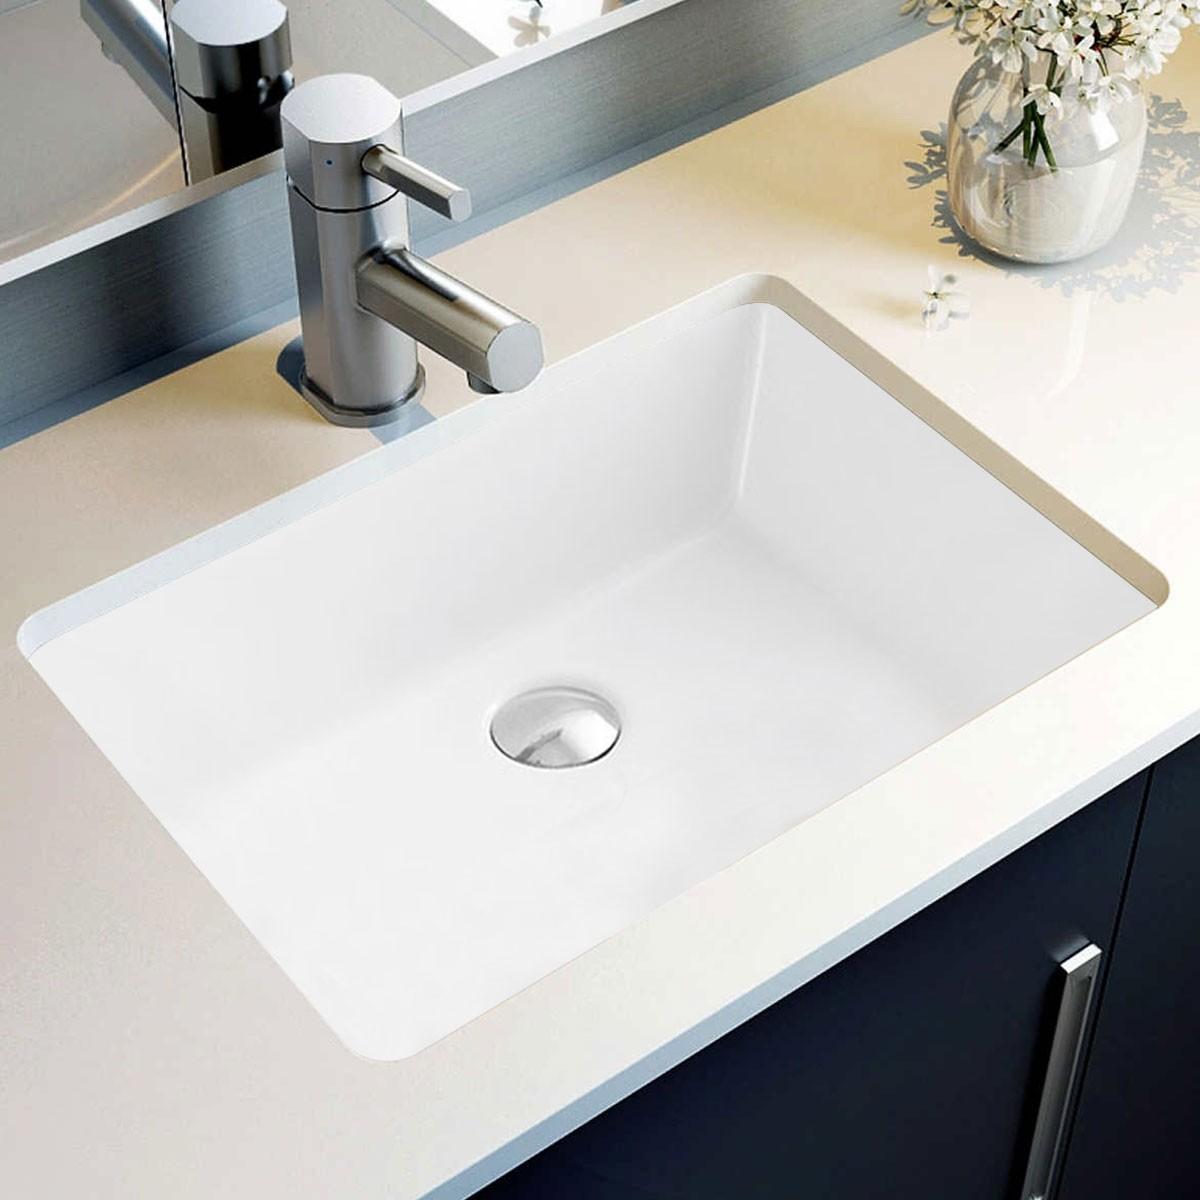 Lavabo Blanc de Dessous du Comptoir (CL-2023)